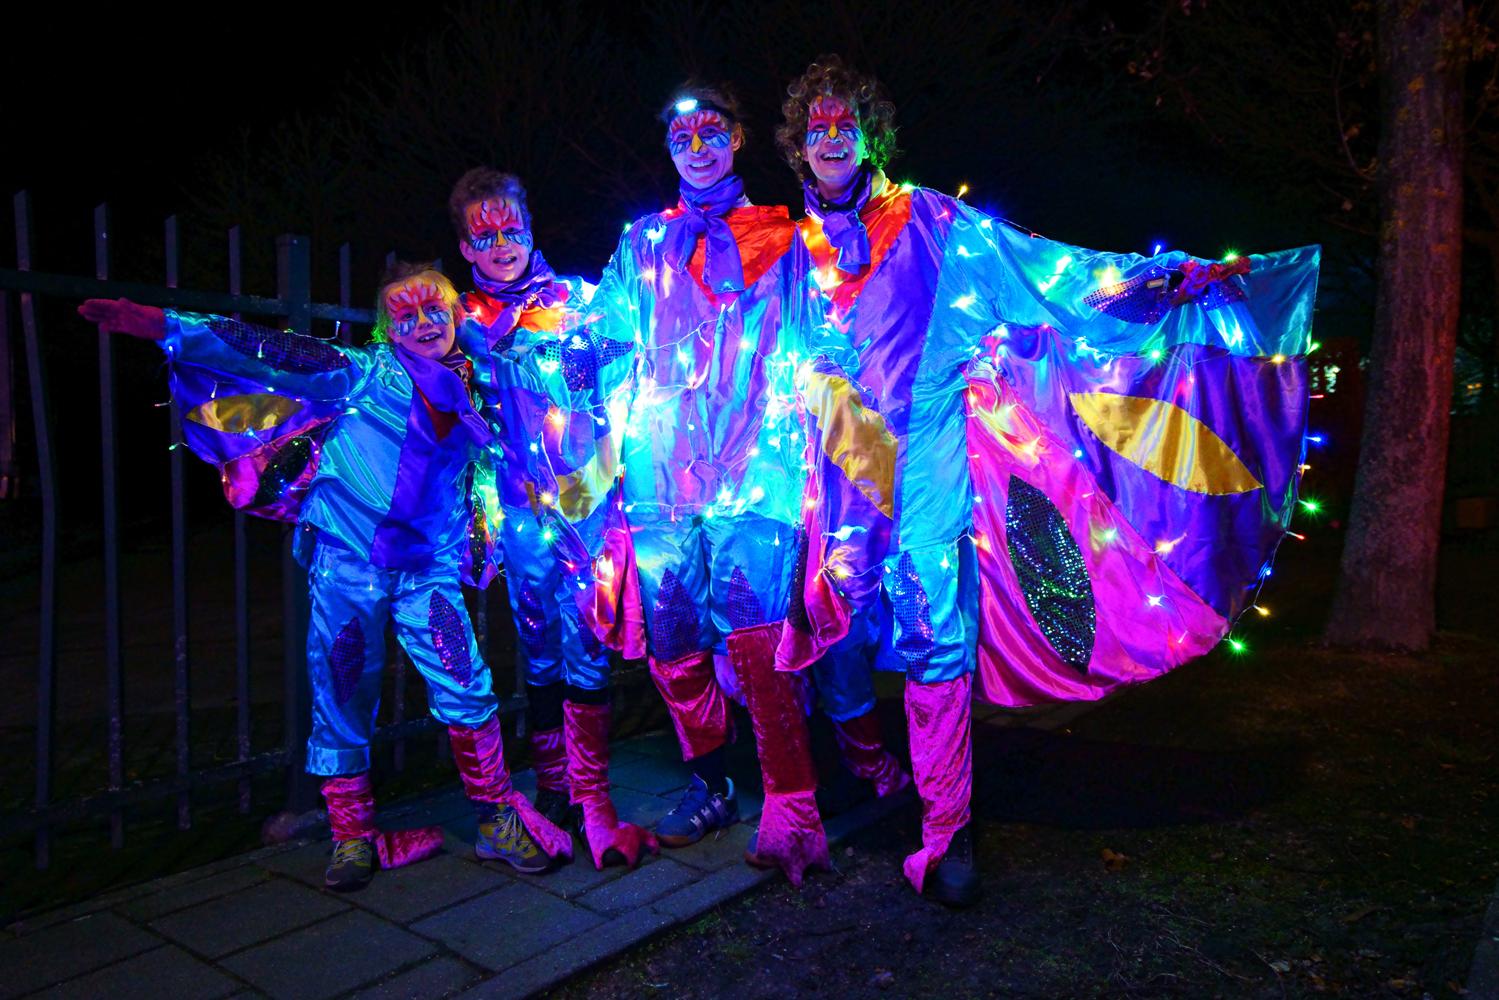 https://fotogroepschelfhorst.nl/wp-content/uploads/Twentse-Verlichte-Carnavalsoptocht-24-februari-2017-02.jpg